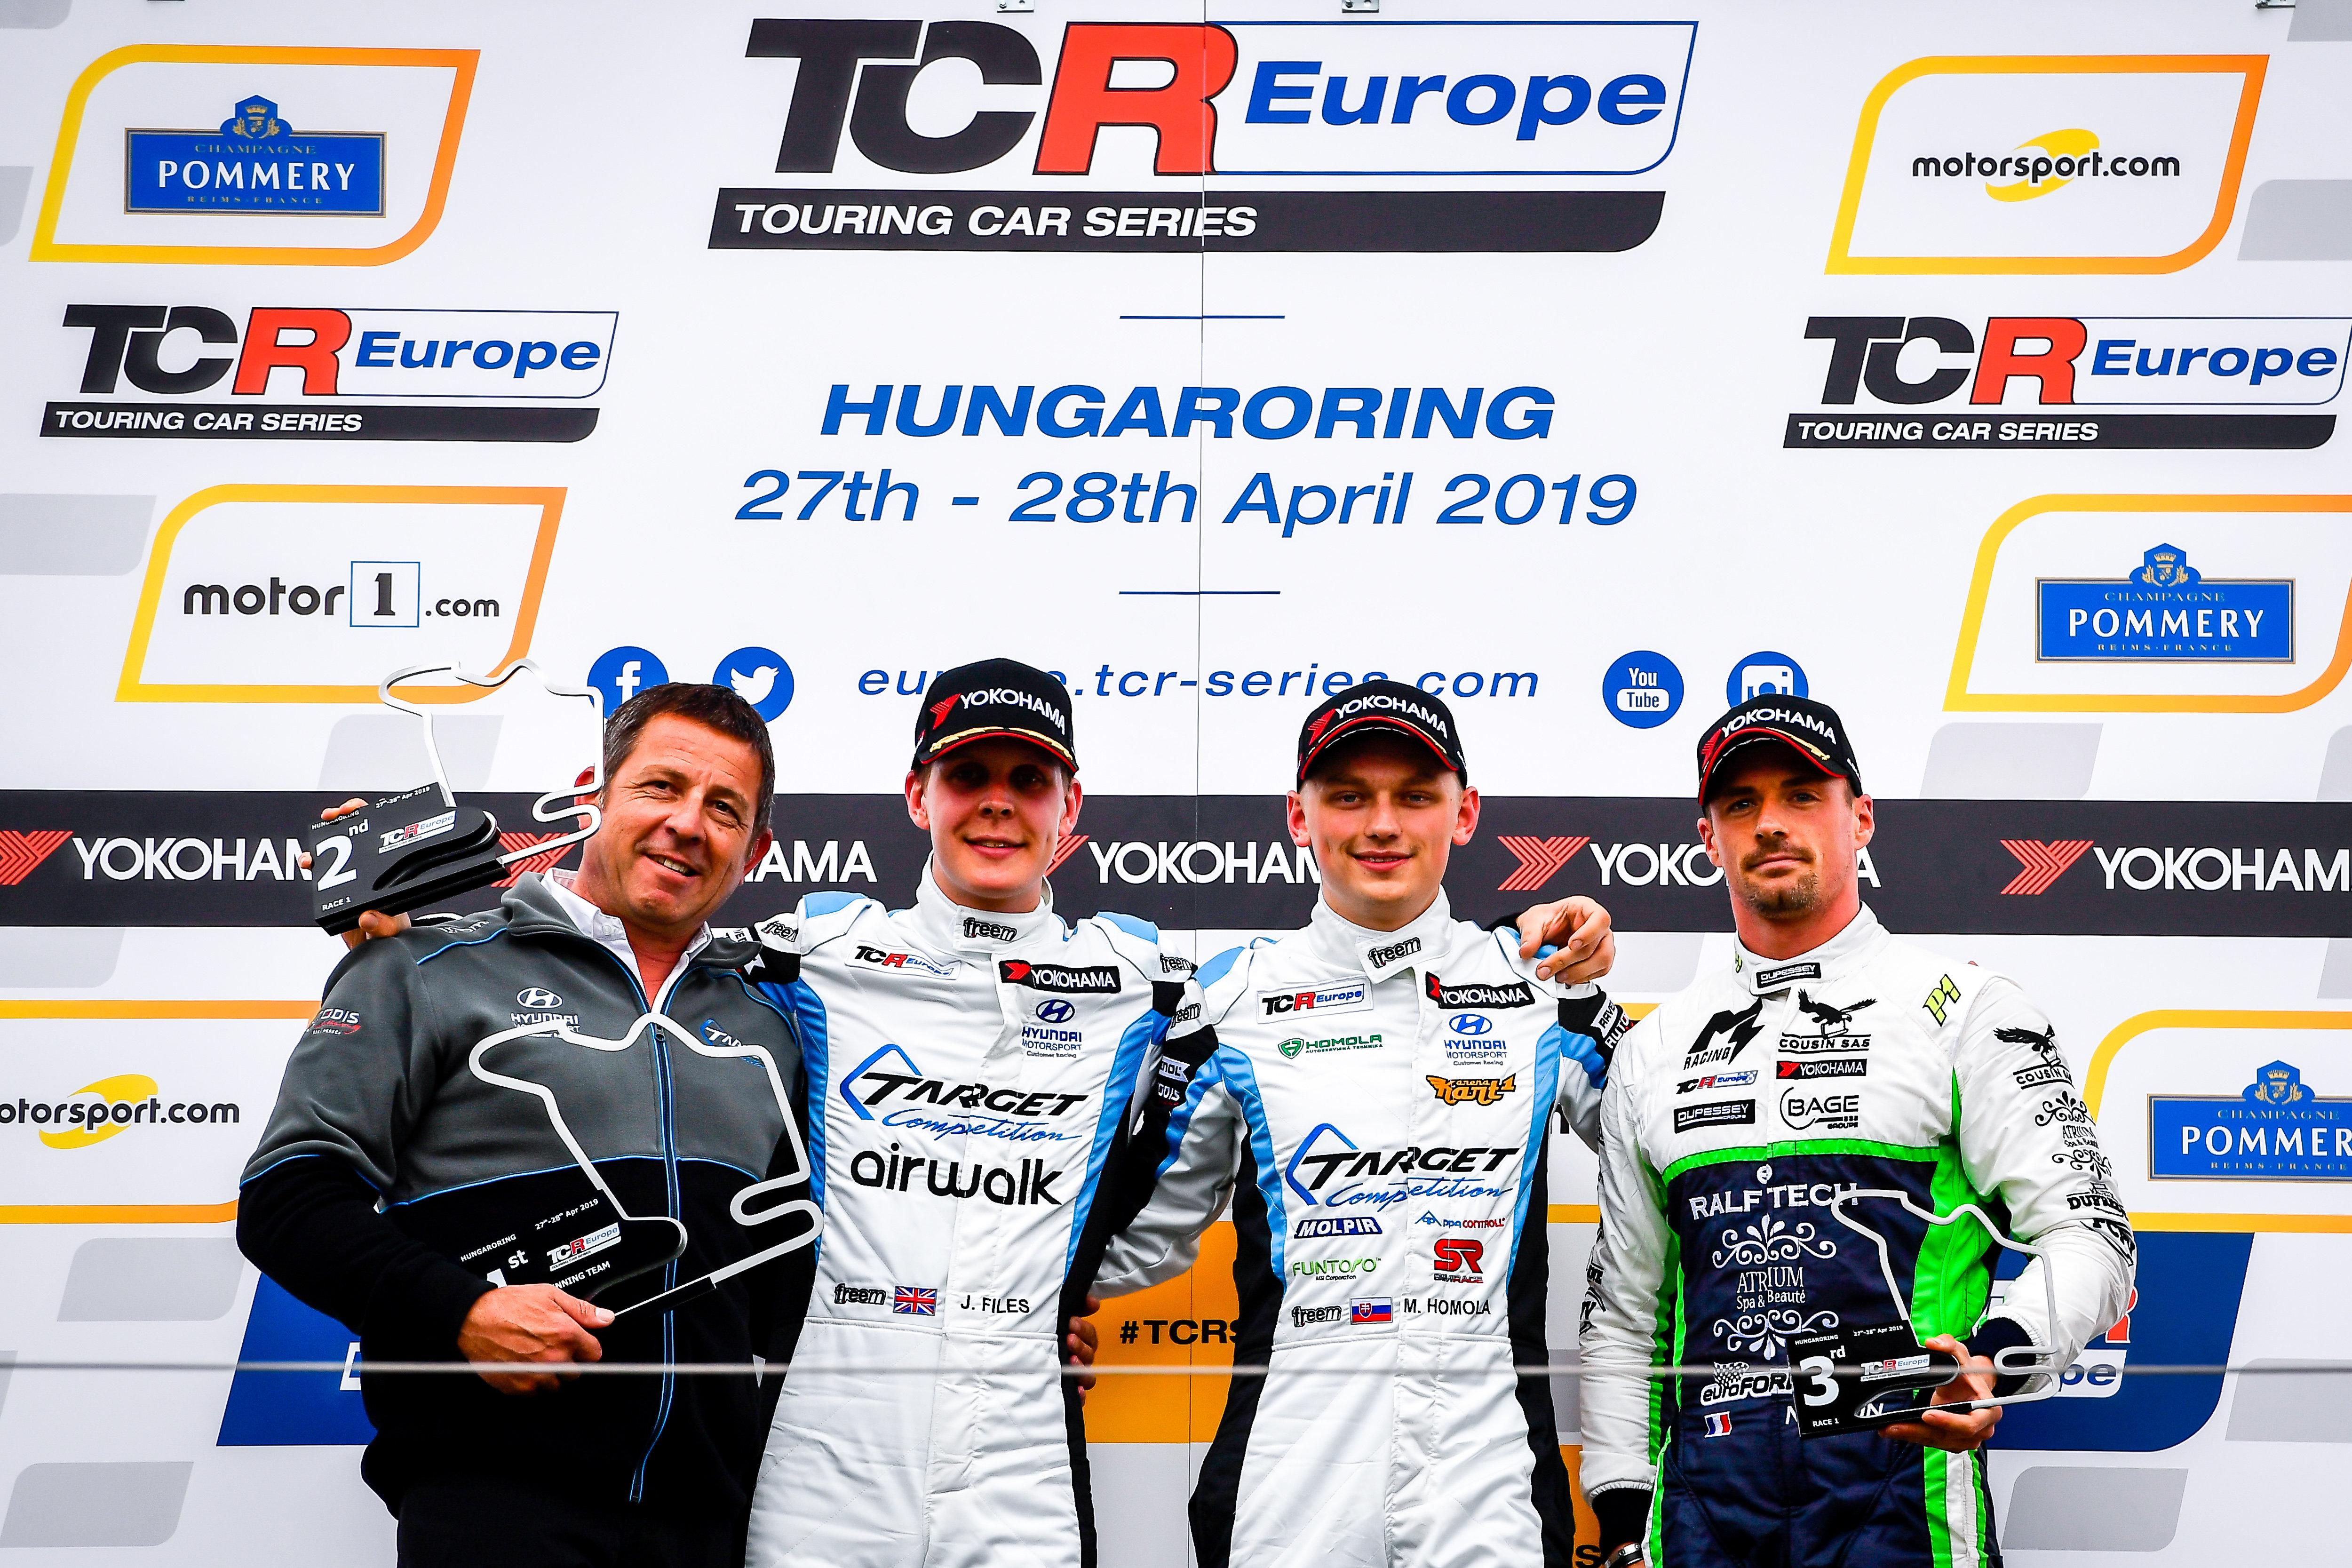 TCR Europe - Hungary Race 1 podium